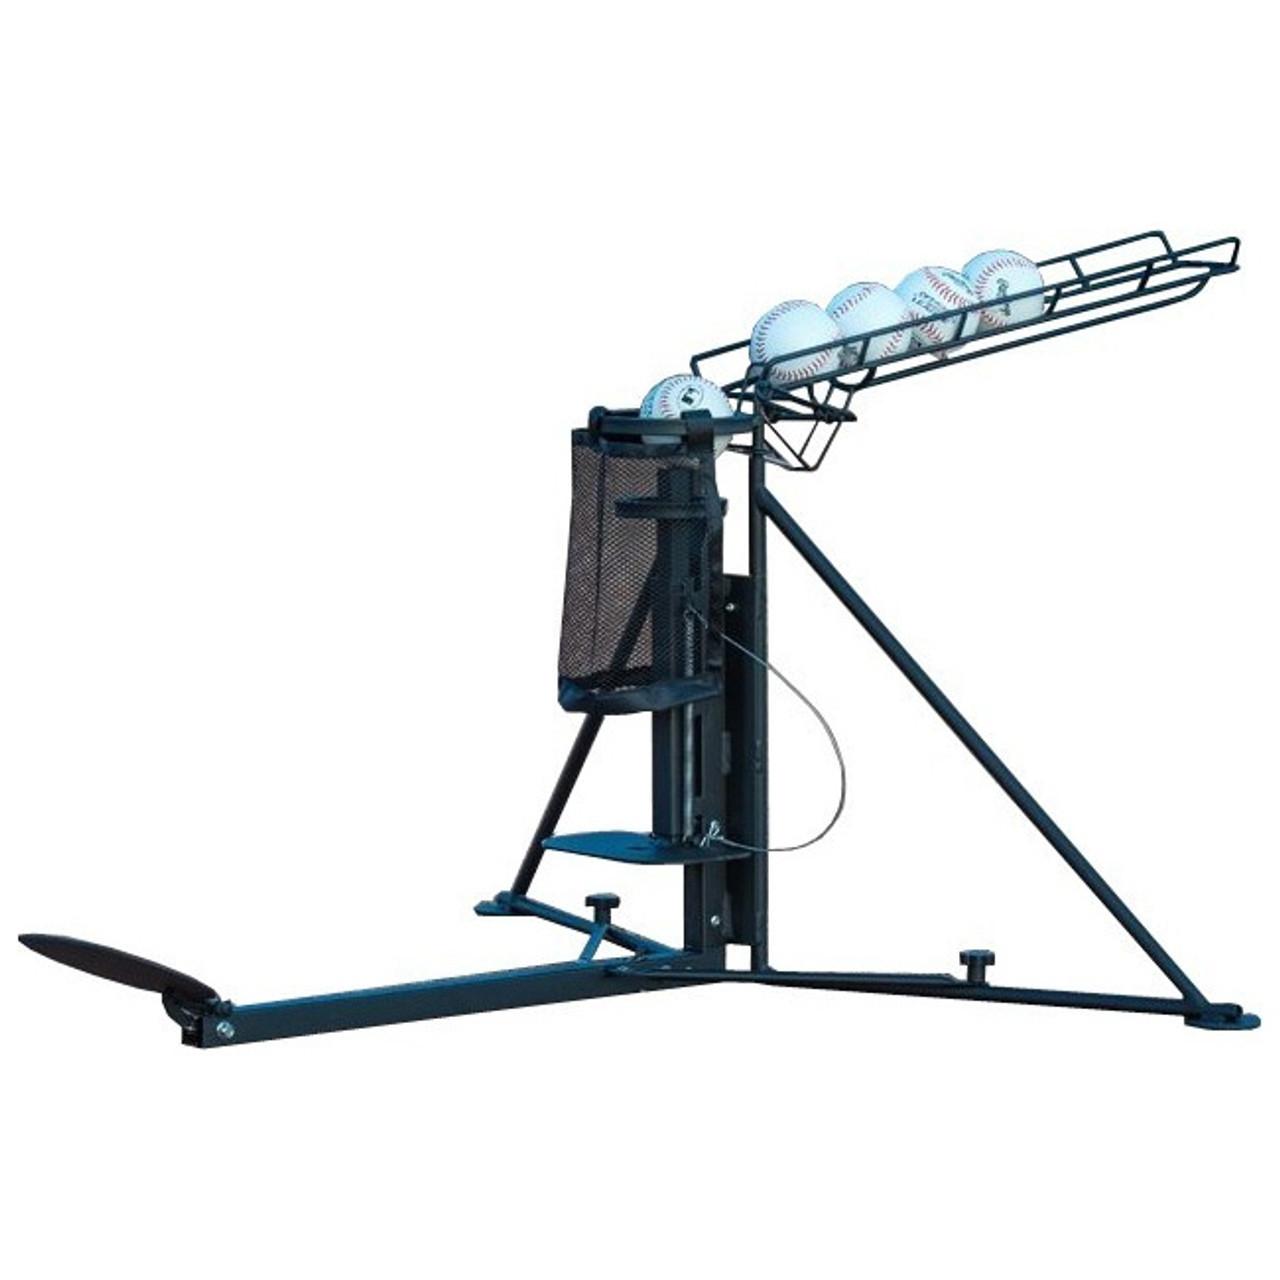 Ultimate Hitting Machine Trainer